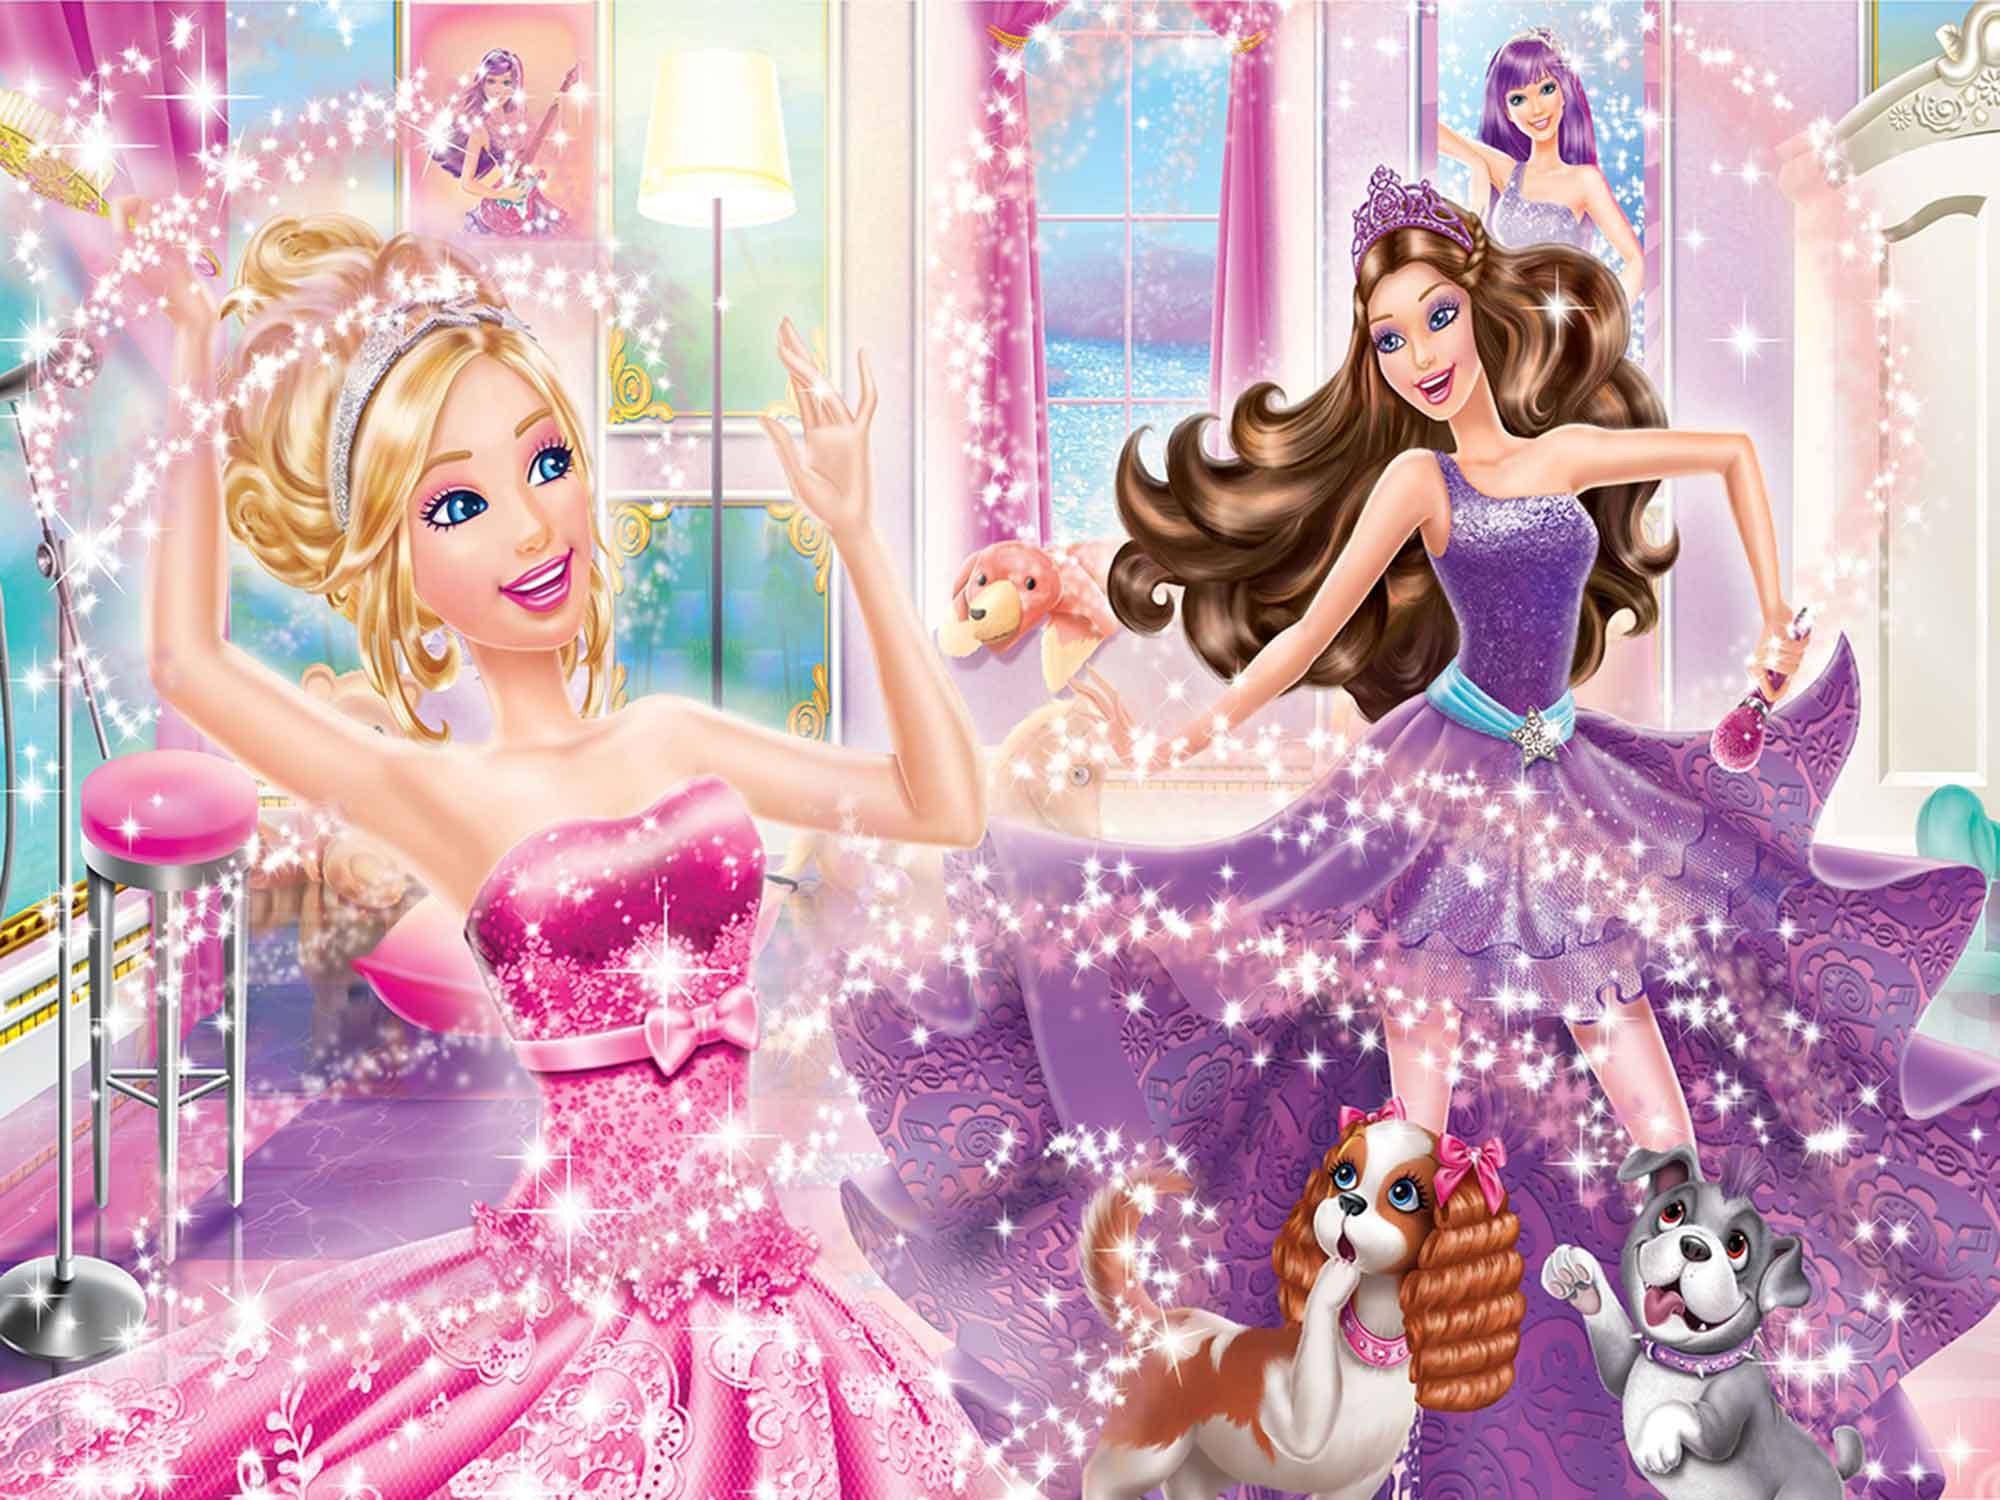 Papel De Parede 3D | Papel de Parede Infantil Barbie 0006 - Sobmedida: m²  - Paredes Decoradas